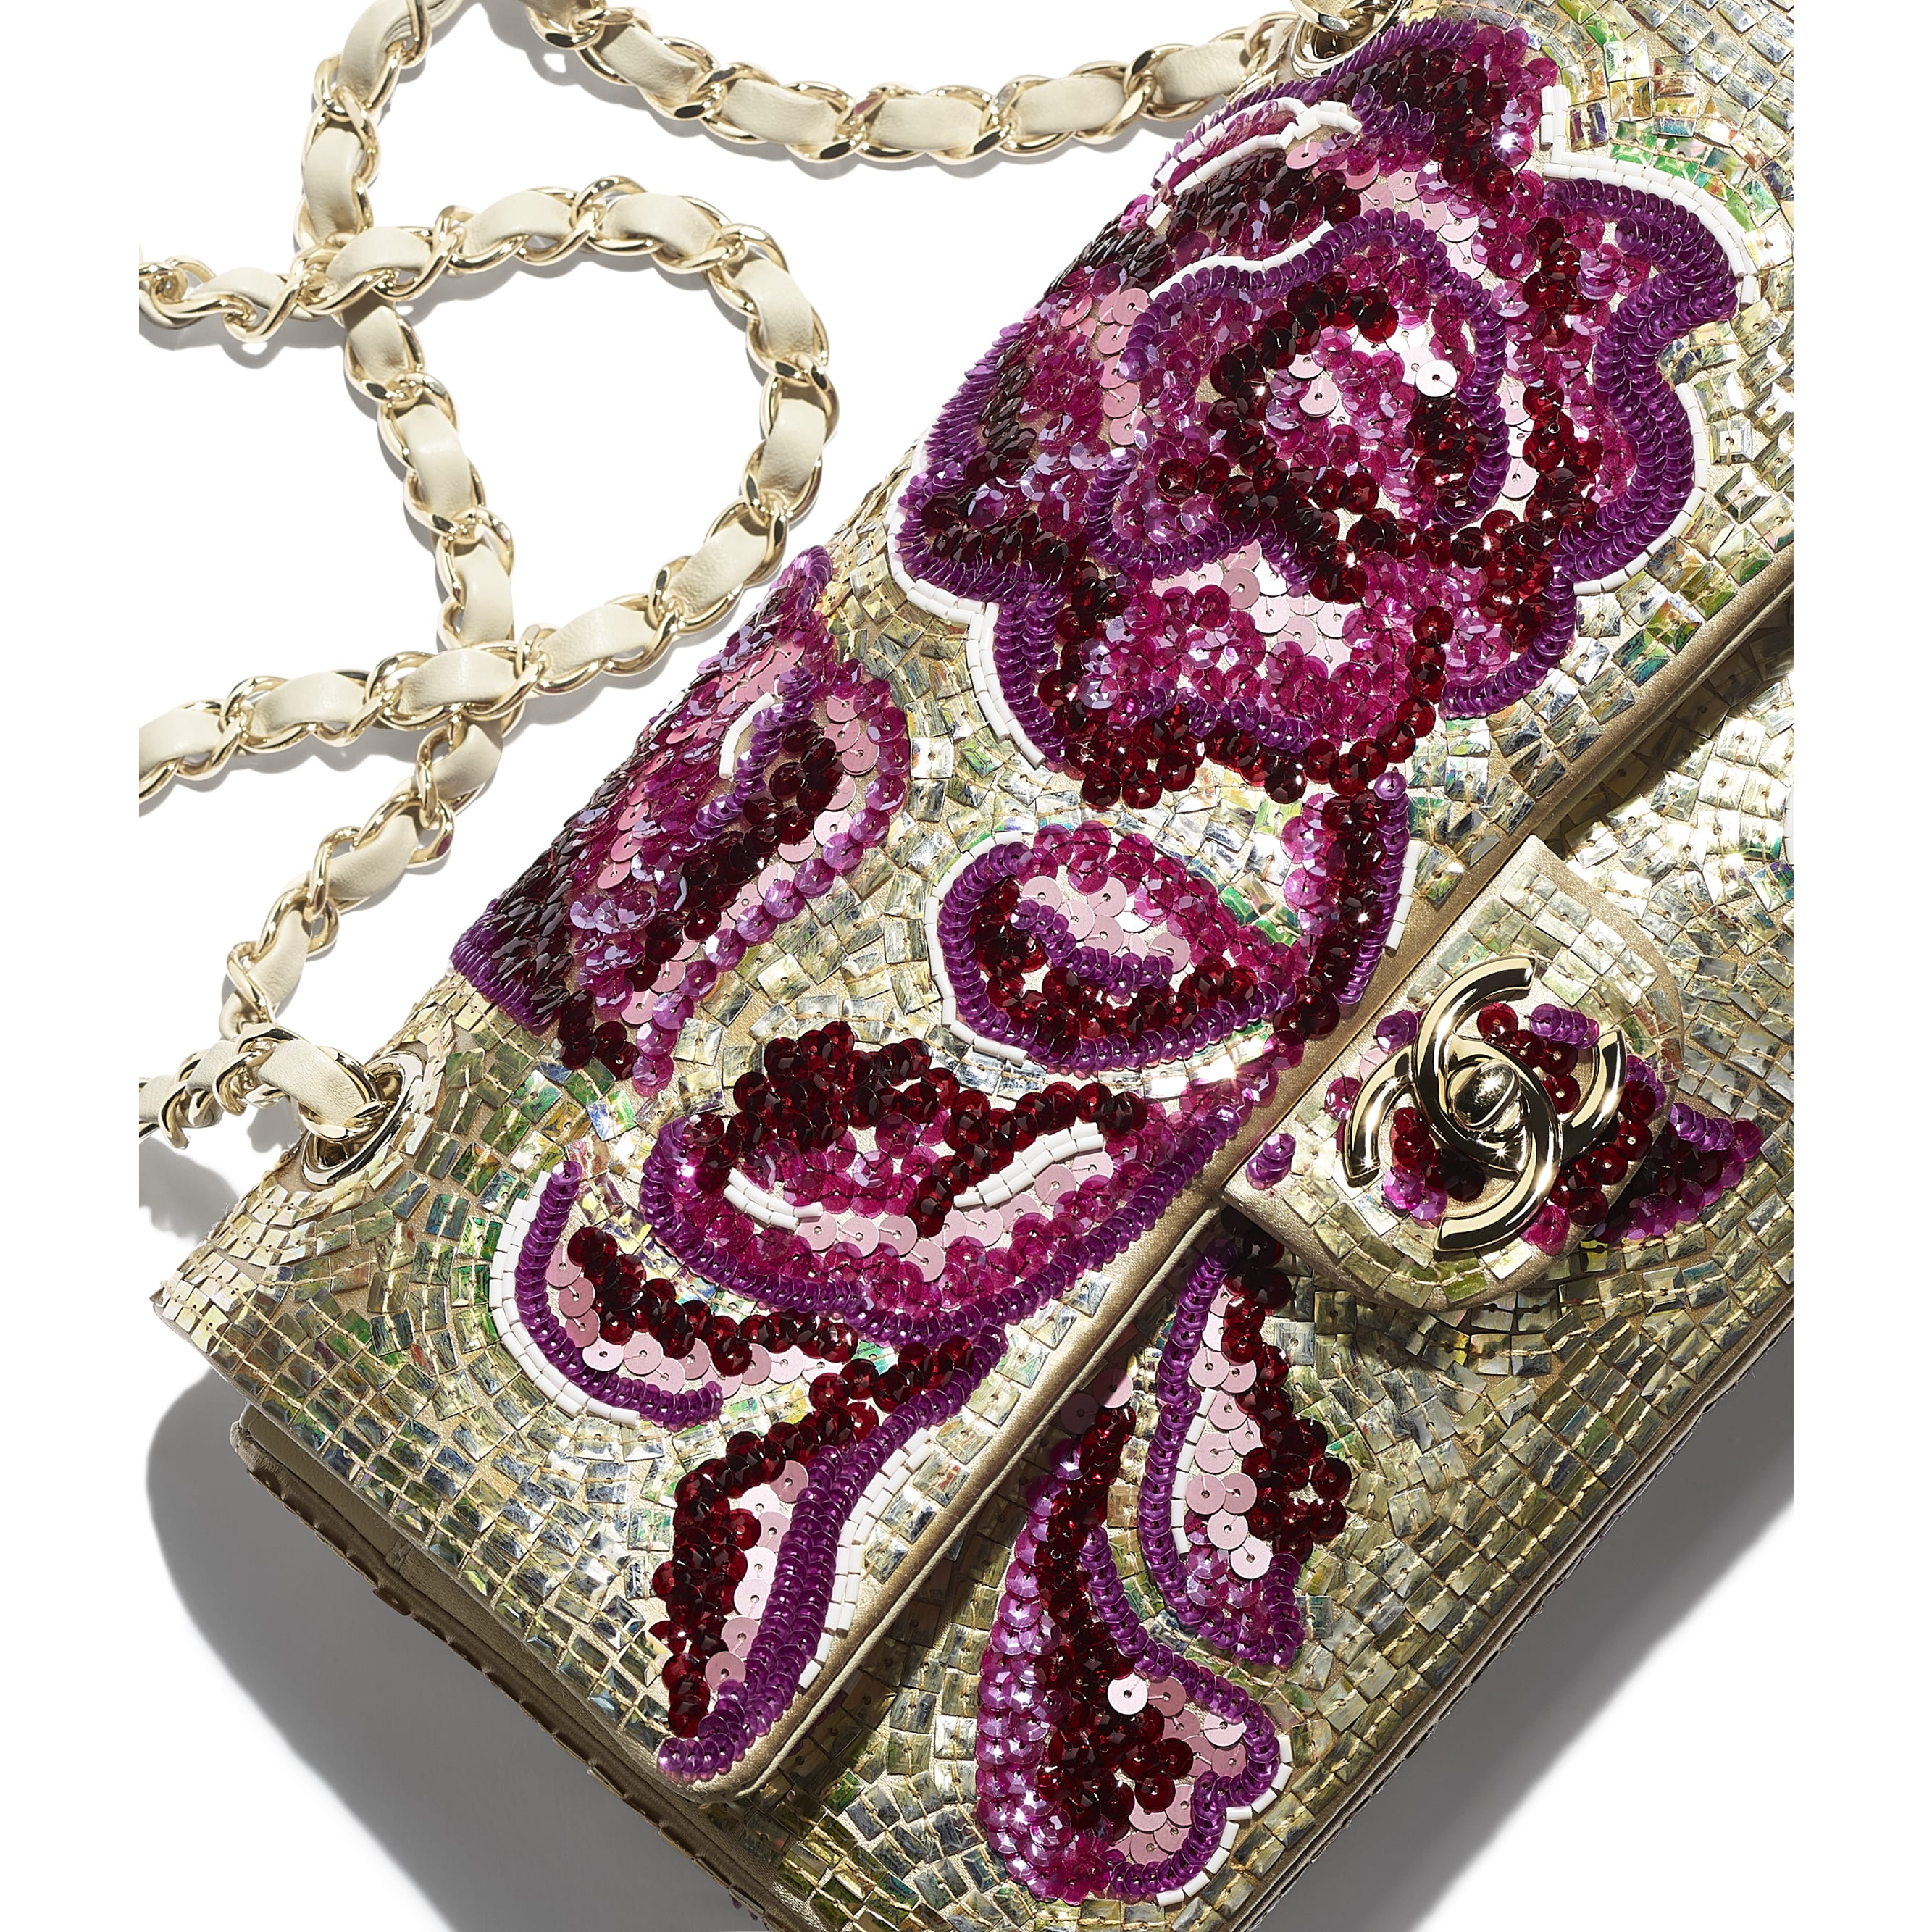 กระเป๋าสะพายคลาสสิก - สีม่วงและสีทอง - ปักเลื่อม มุกแก้ว หนังแกะ และโลหะสีทอง - CHANEL - มุมมองพิเศษ - ดูเวอร์ชันขนาดมาตรฐาน